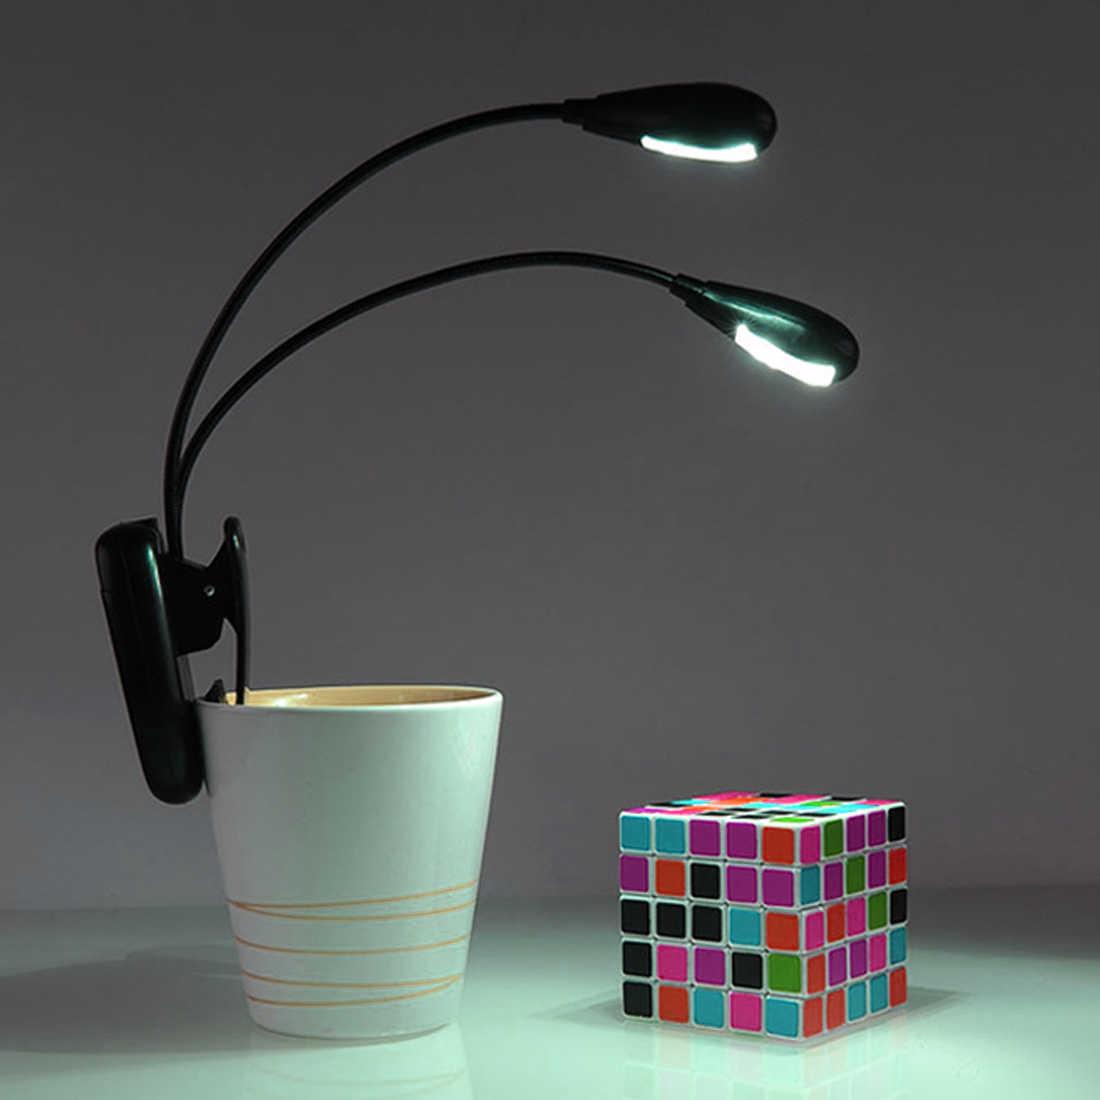 Светодиодный светильник для чтения с двумя руками 2 светодиодный s гибкий книжный лист Музыкальная подставка светильник для чтения Студенческая лампа для общежития с зажимом